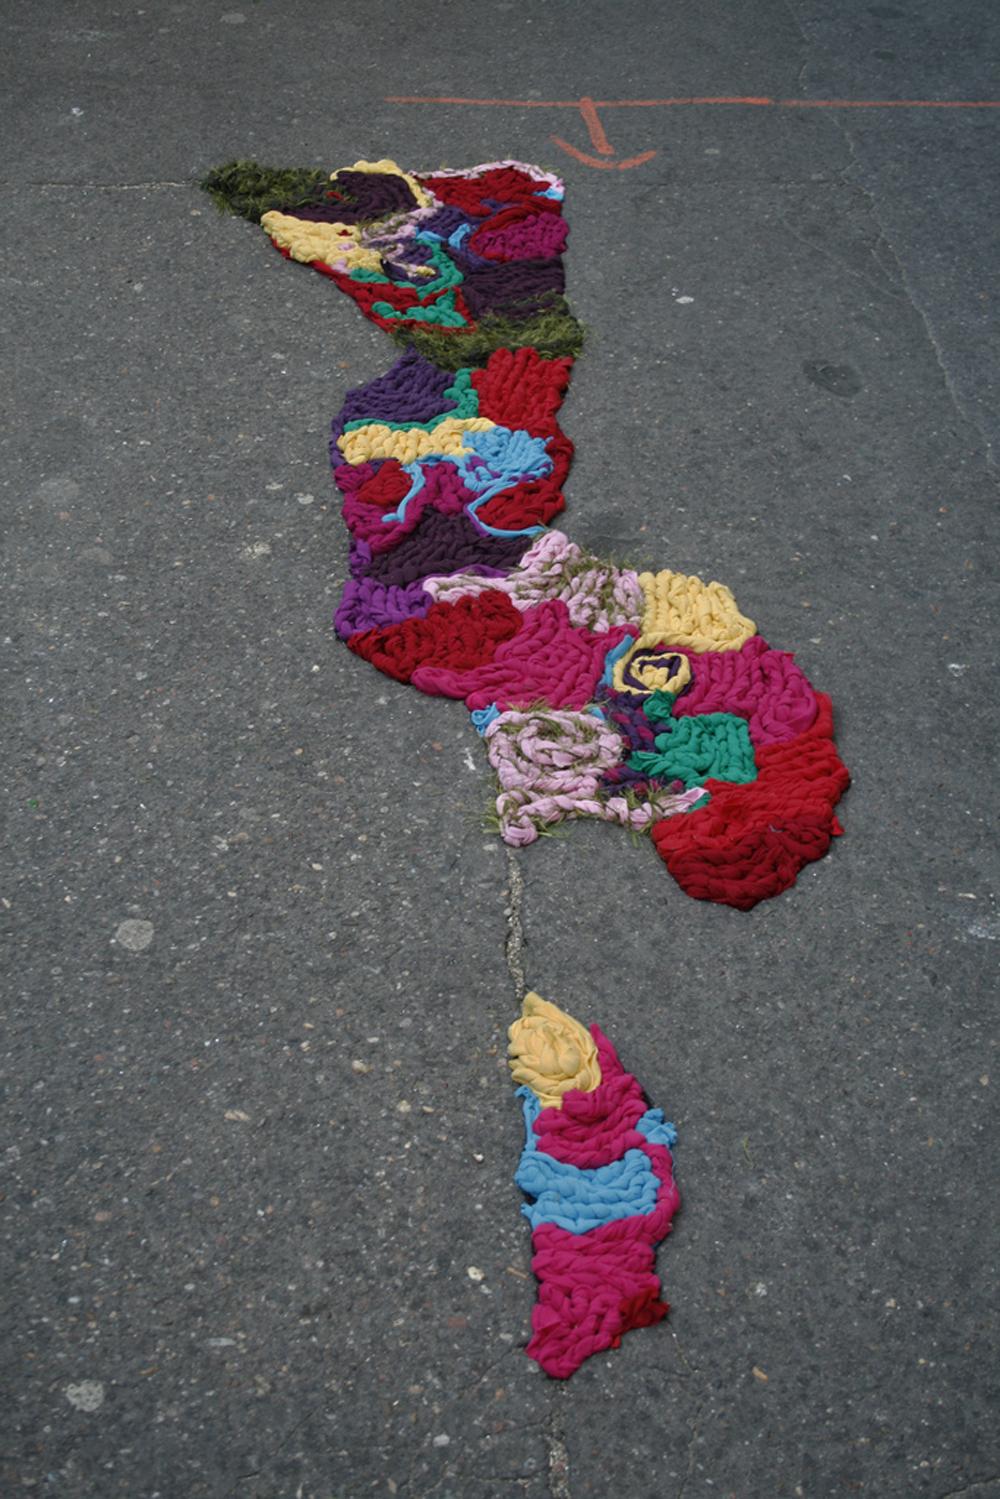 street-art-juliana-santacruz-herrera-5